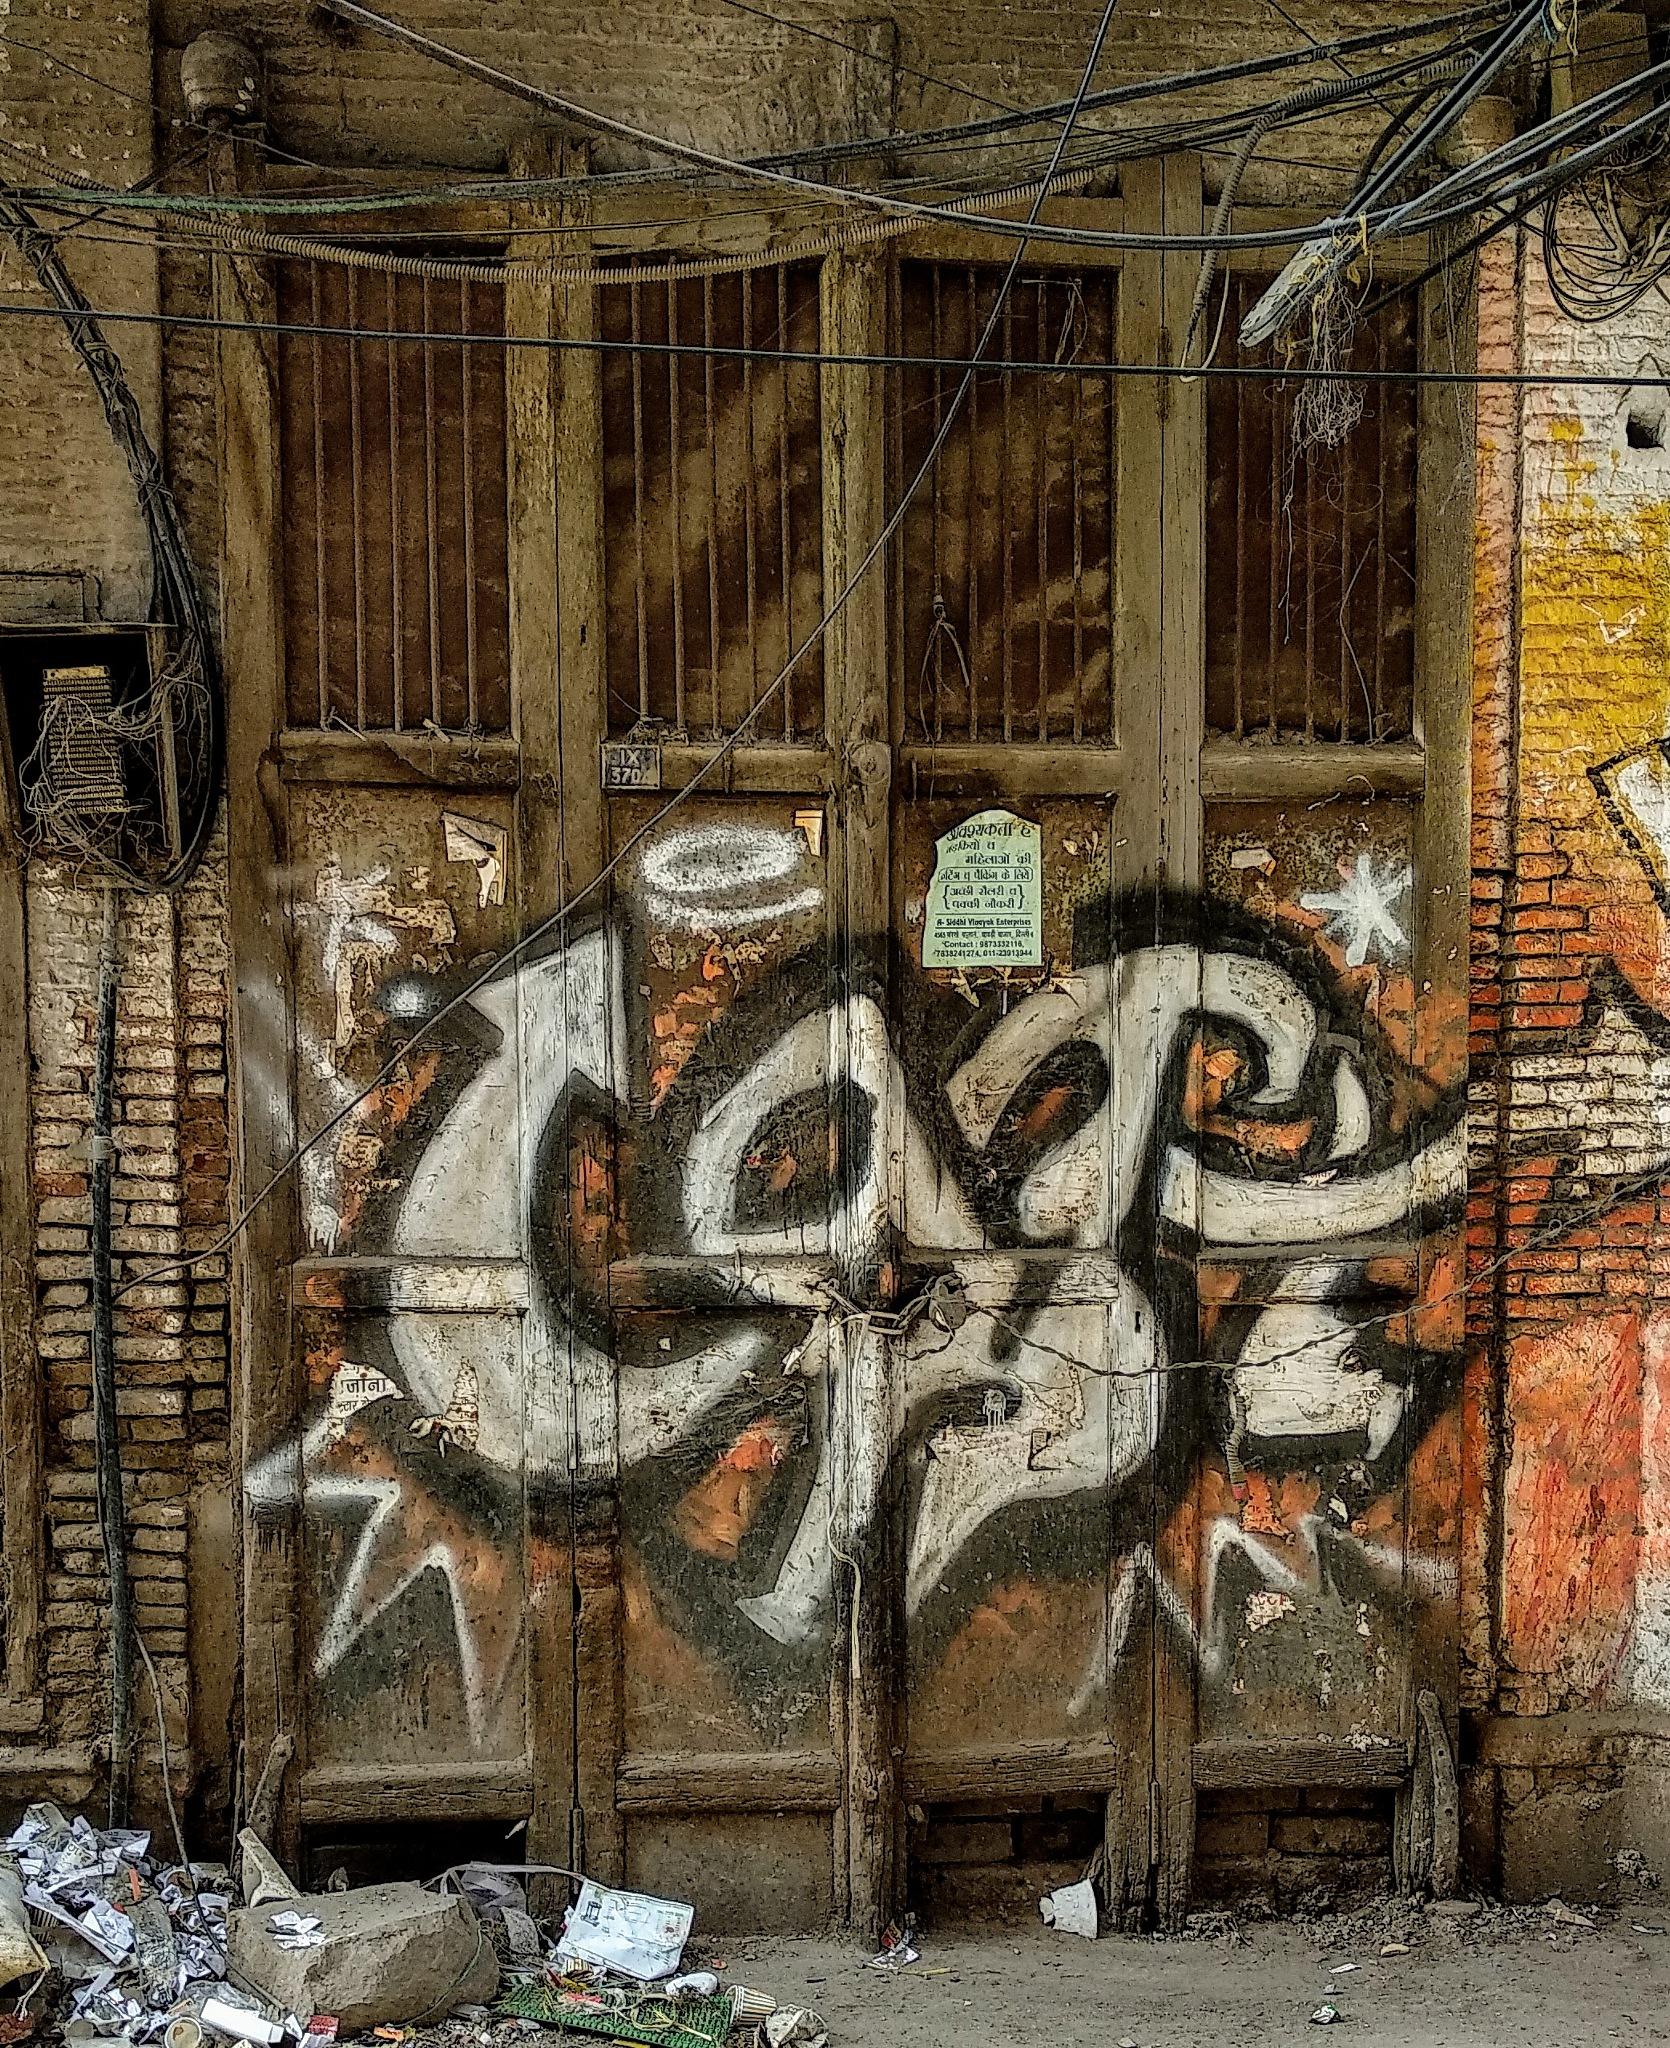 Street Photography by Faiz Anwar